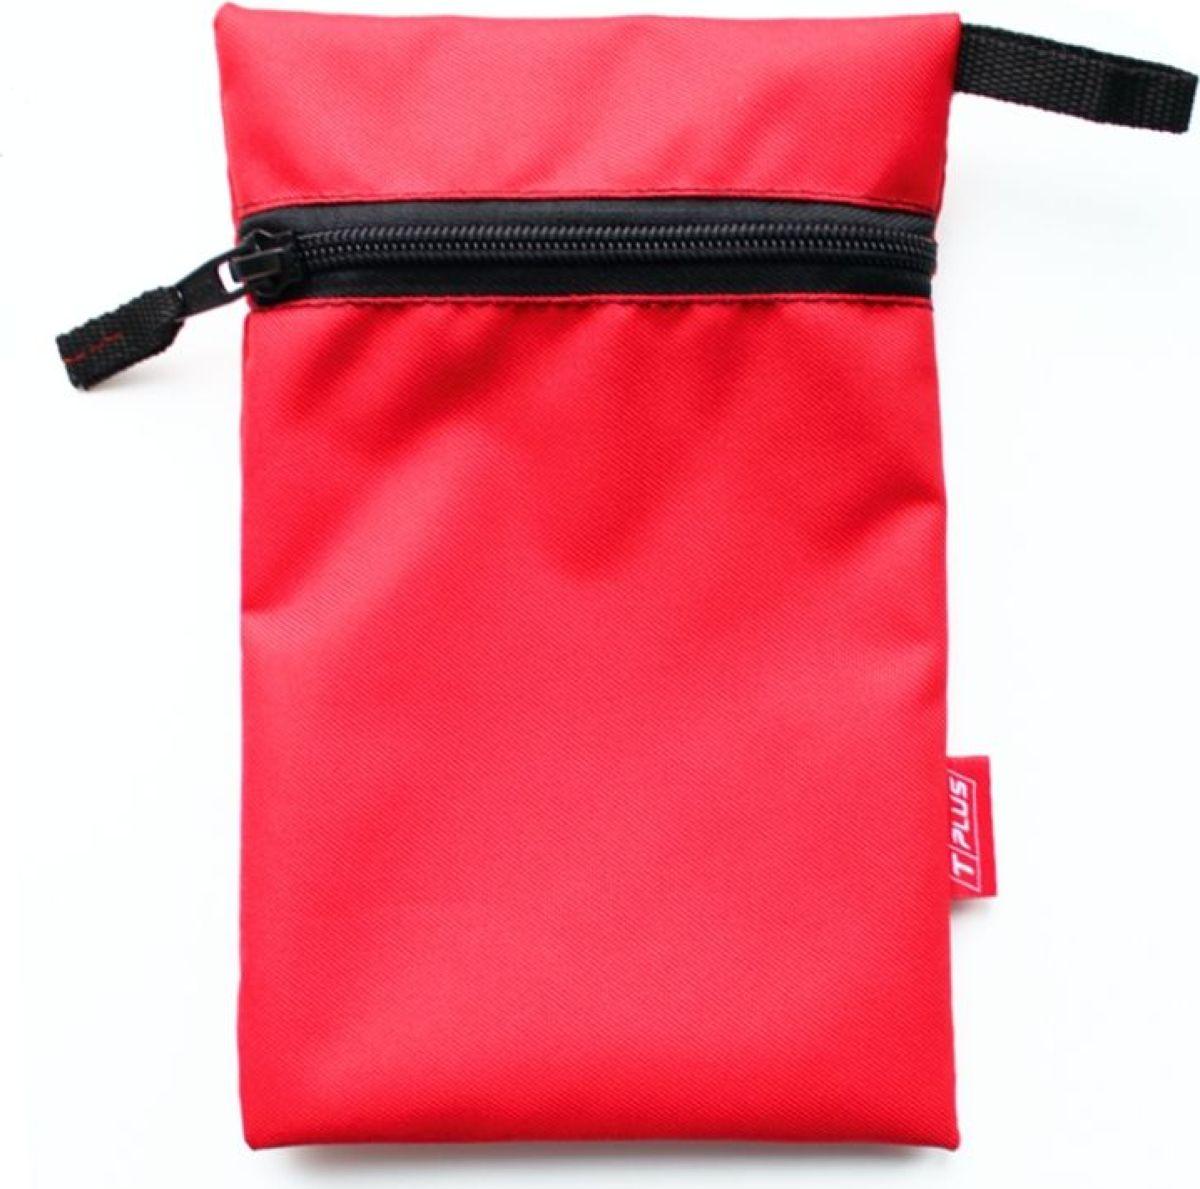 Мешок вещевой Tplus 600, цвет: красный, 13 x 20 см сумка для такелажной оснастки tplus сompact t009375